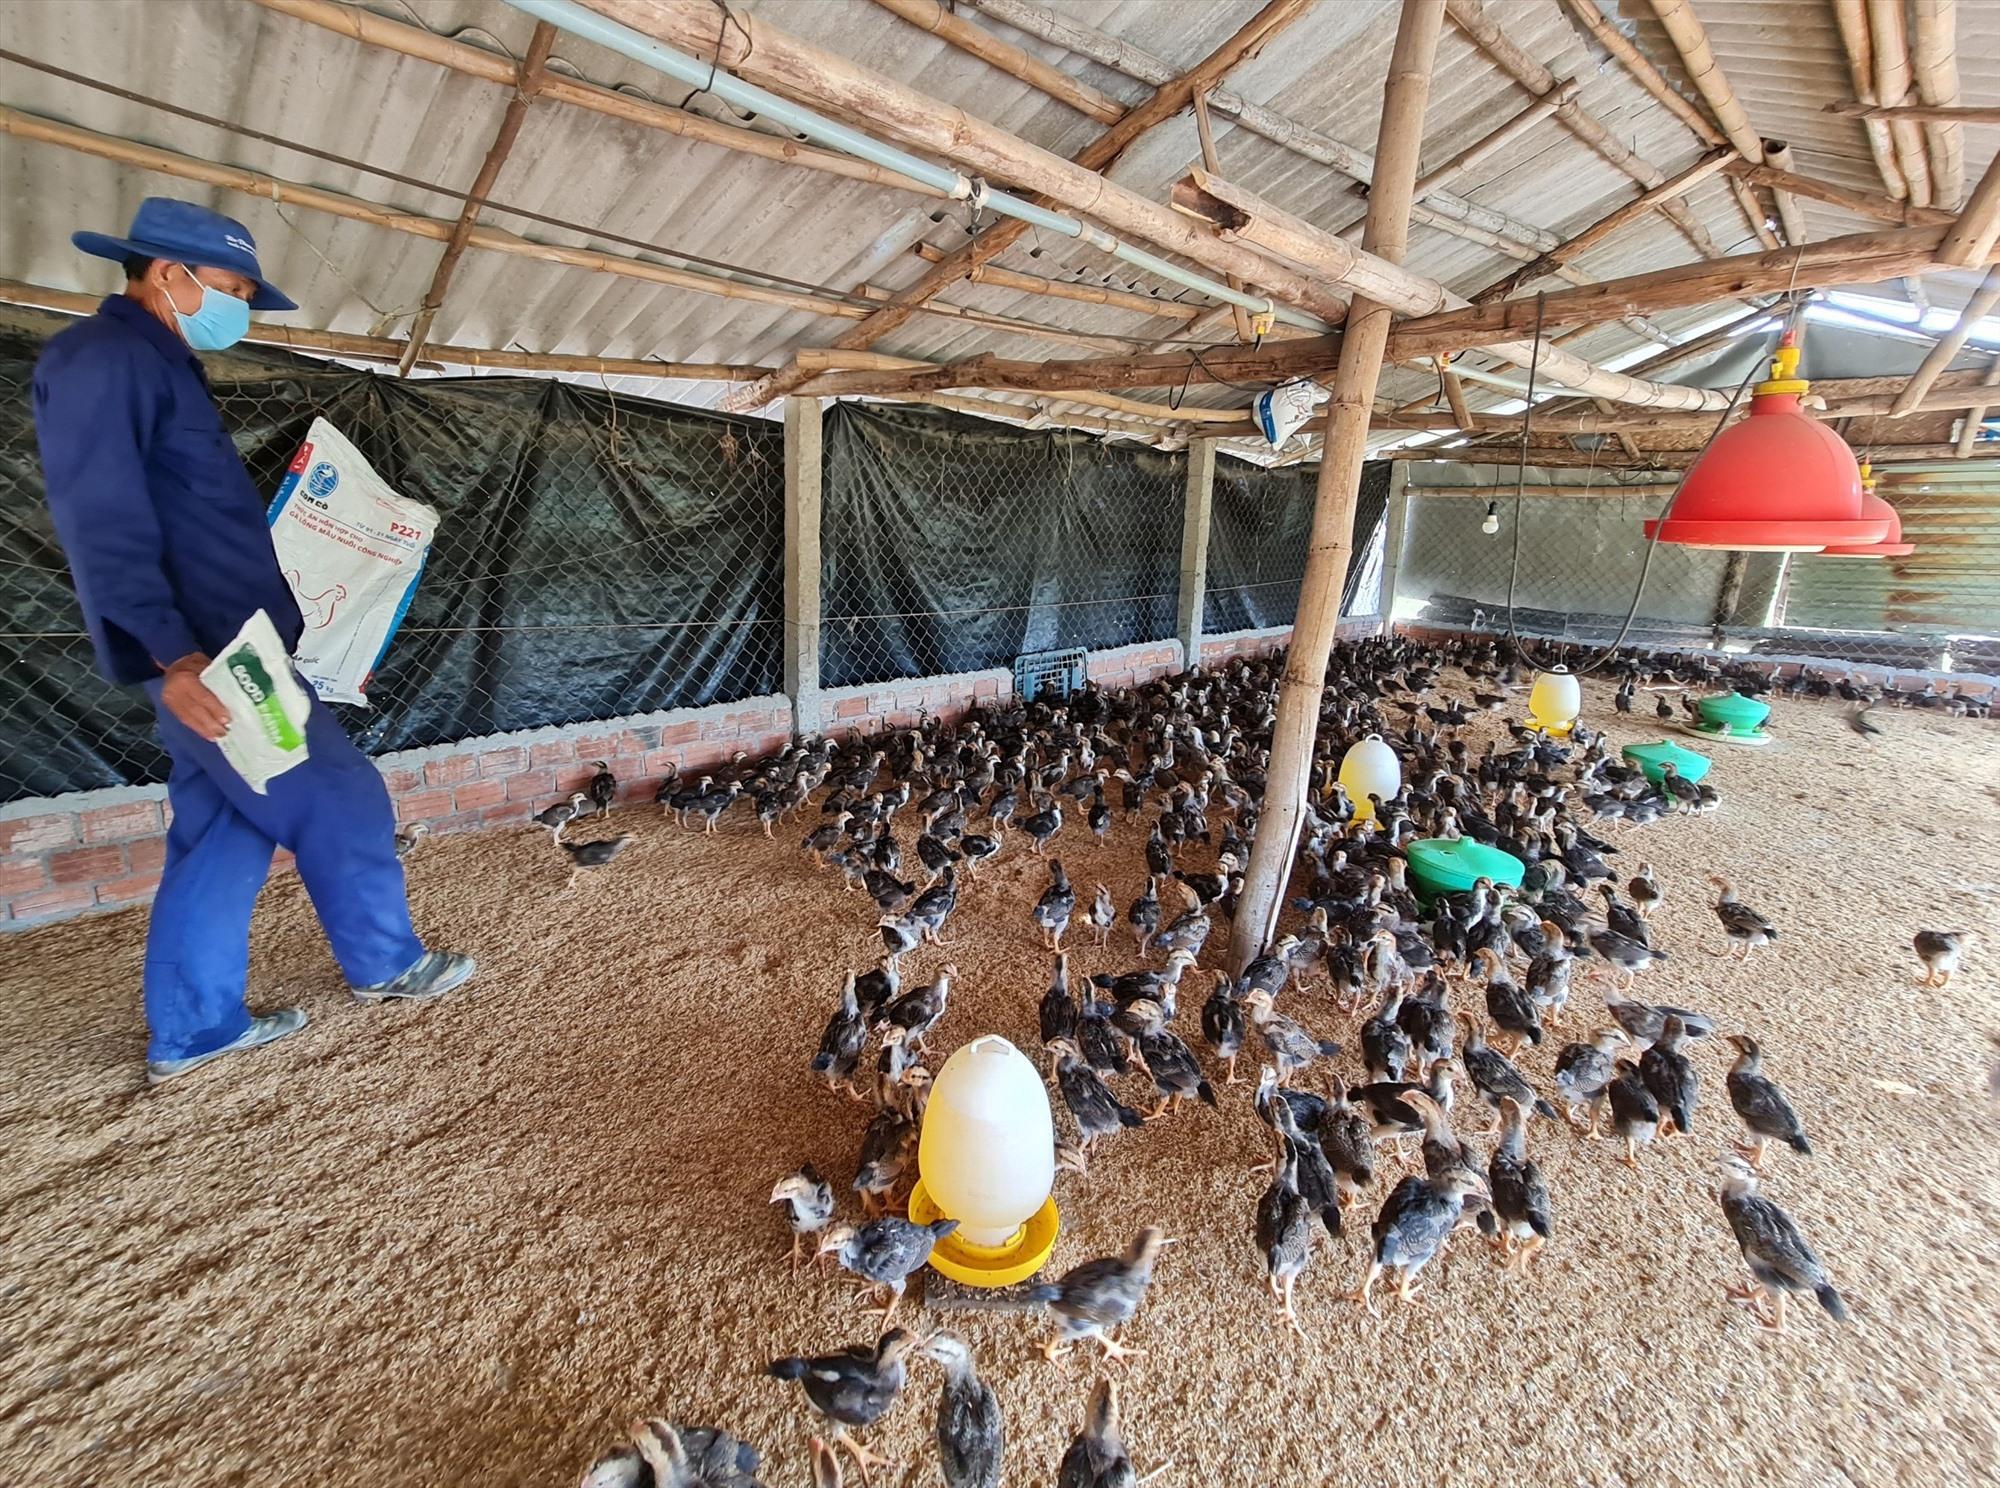 Ông Bùi Việt Tín (thôn Mỹ Cang, xã Tam Thăng, Tam Kỳ) đầu tư nuôi 15.000 con gà cung ứng thị trường cuối năm, dịp tết. Ảnh: VIỆT NGUYỄN